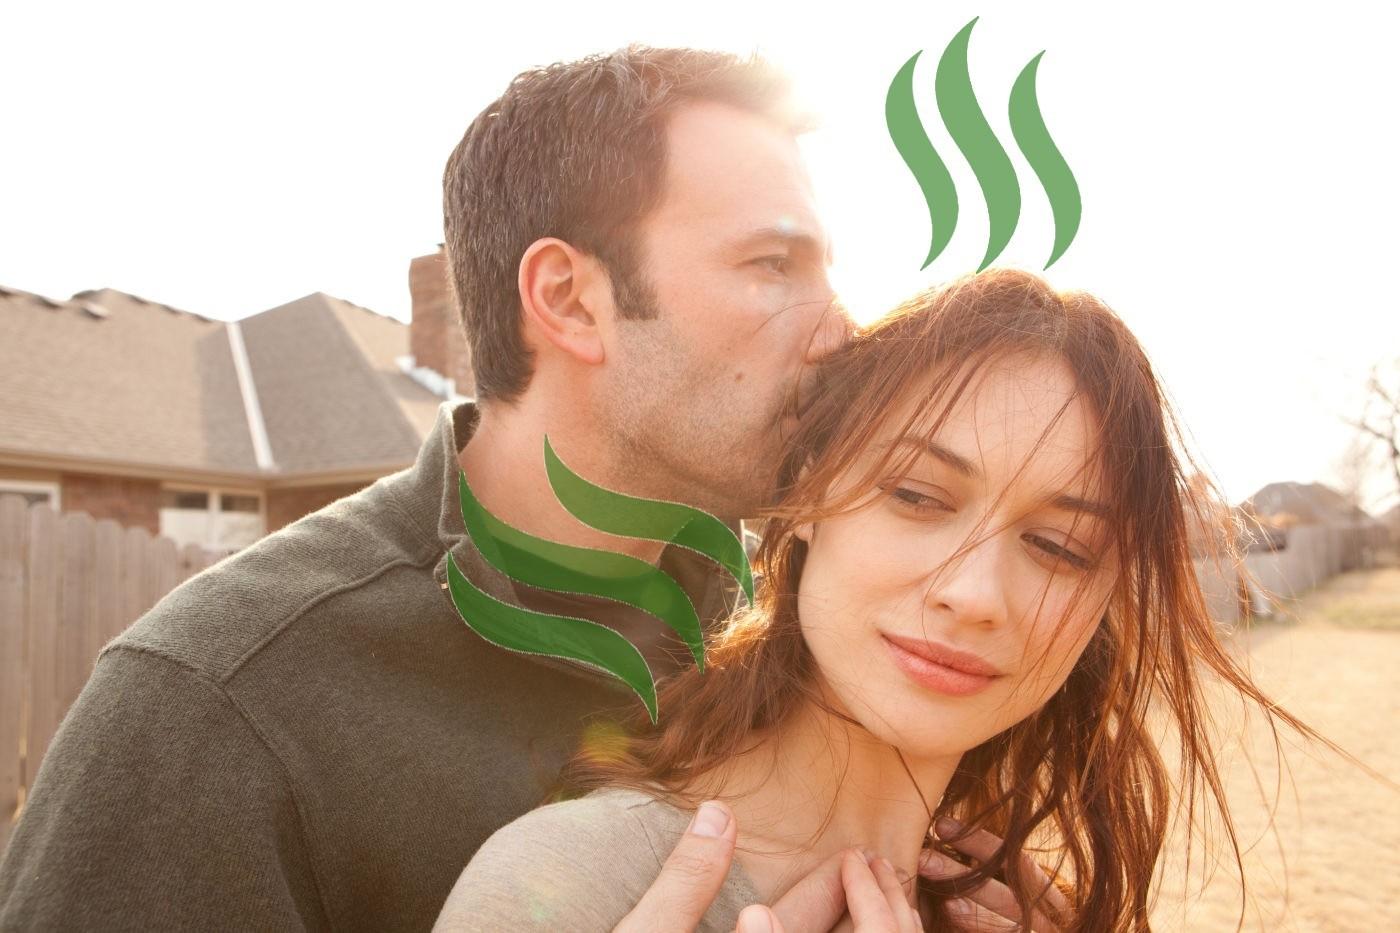 Топ-7 запахов женского тела, которые так ненавидят мужчины